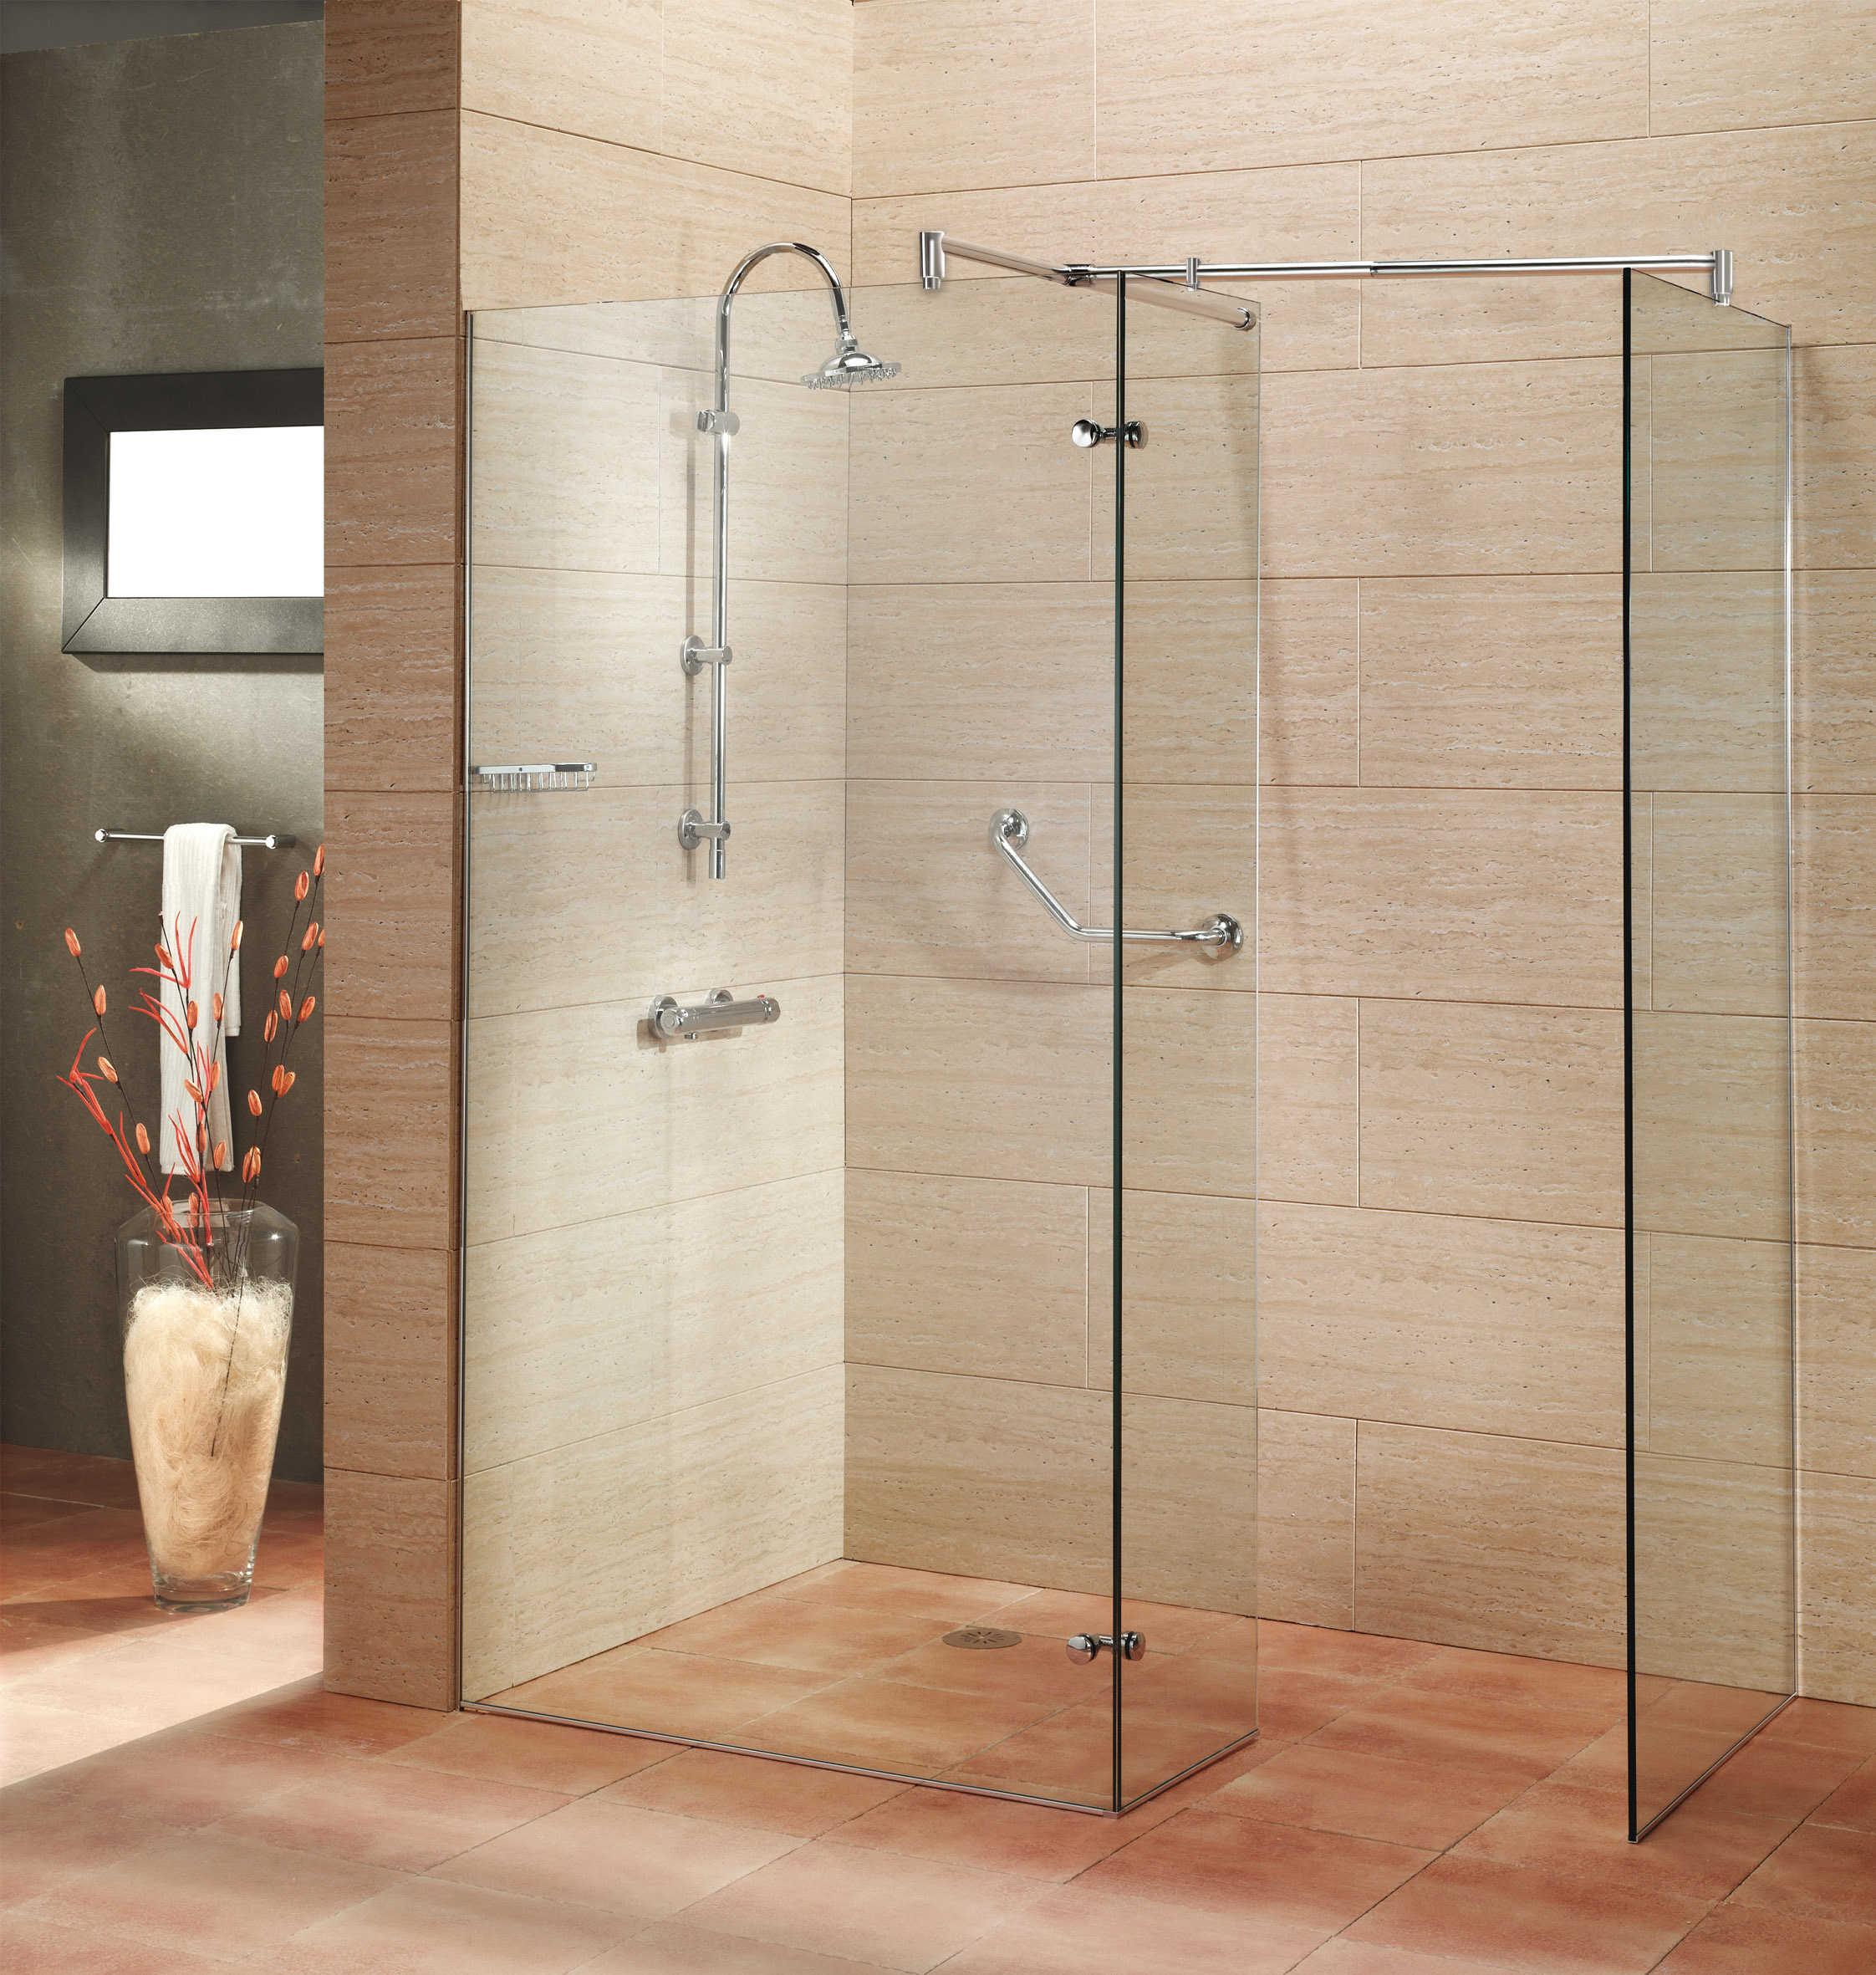 Mamparas Laterales Fijas | Muebles de cocina y baño online en Madrid ...